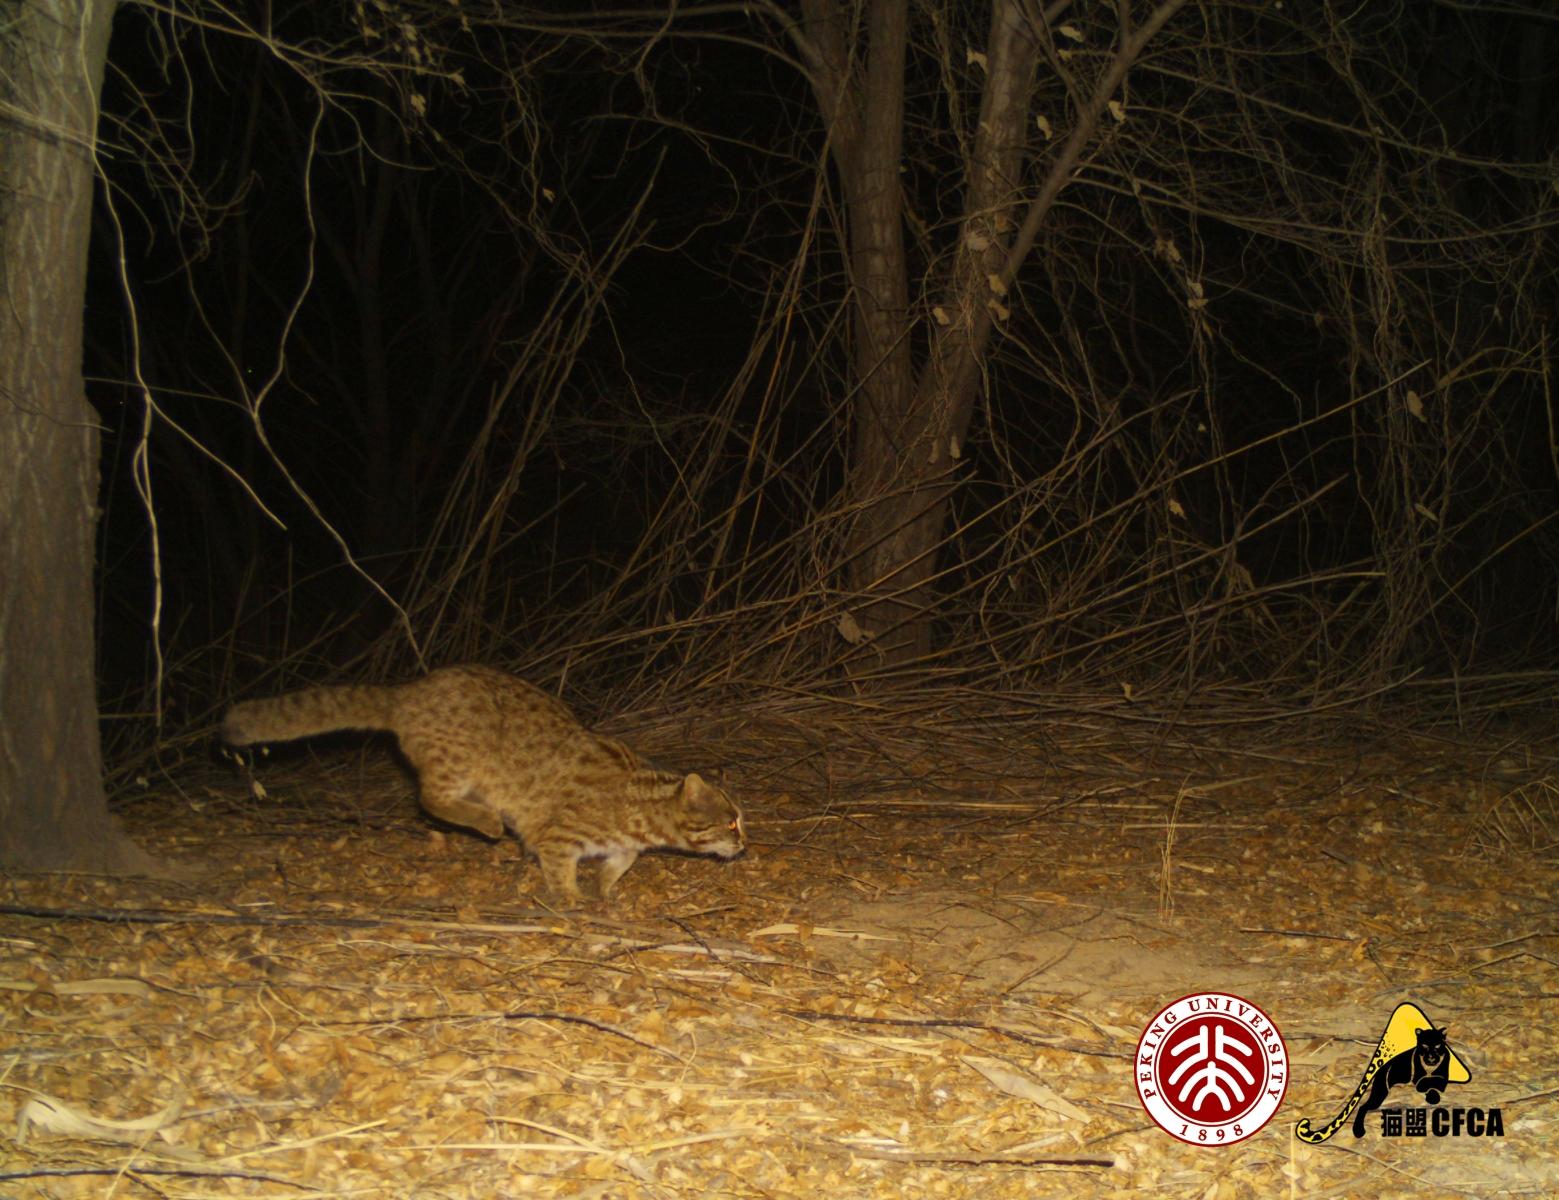 leopard-cat-luo-shujin-7